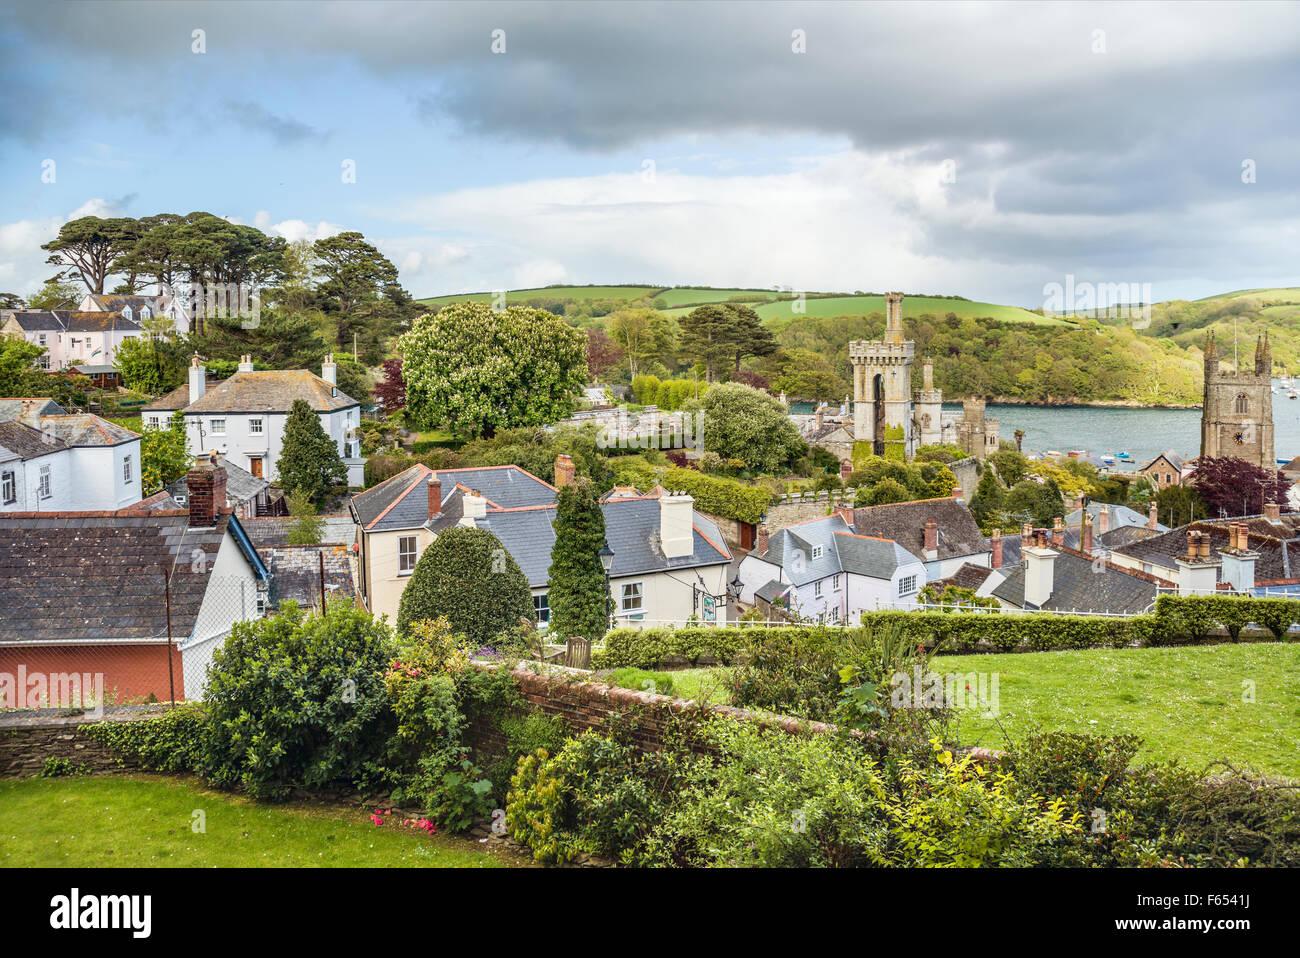 Vista panoramica sopra la città vecchia di Fowey, Cornwall, Inghilterra, Regno Unito | Malerische Aussicht Immagini Stock